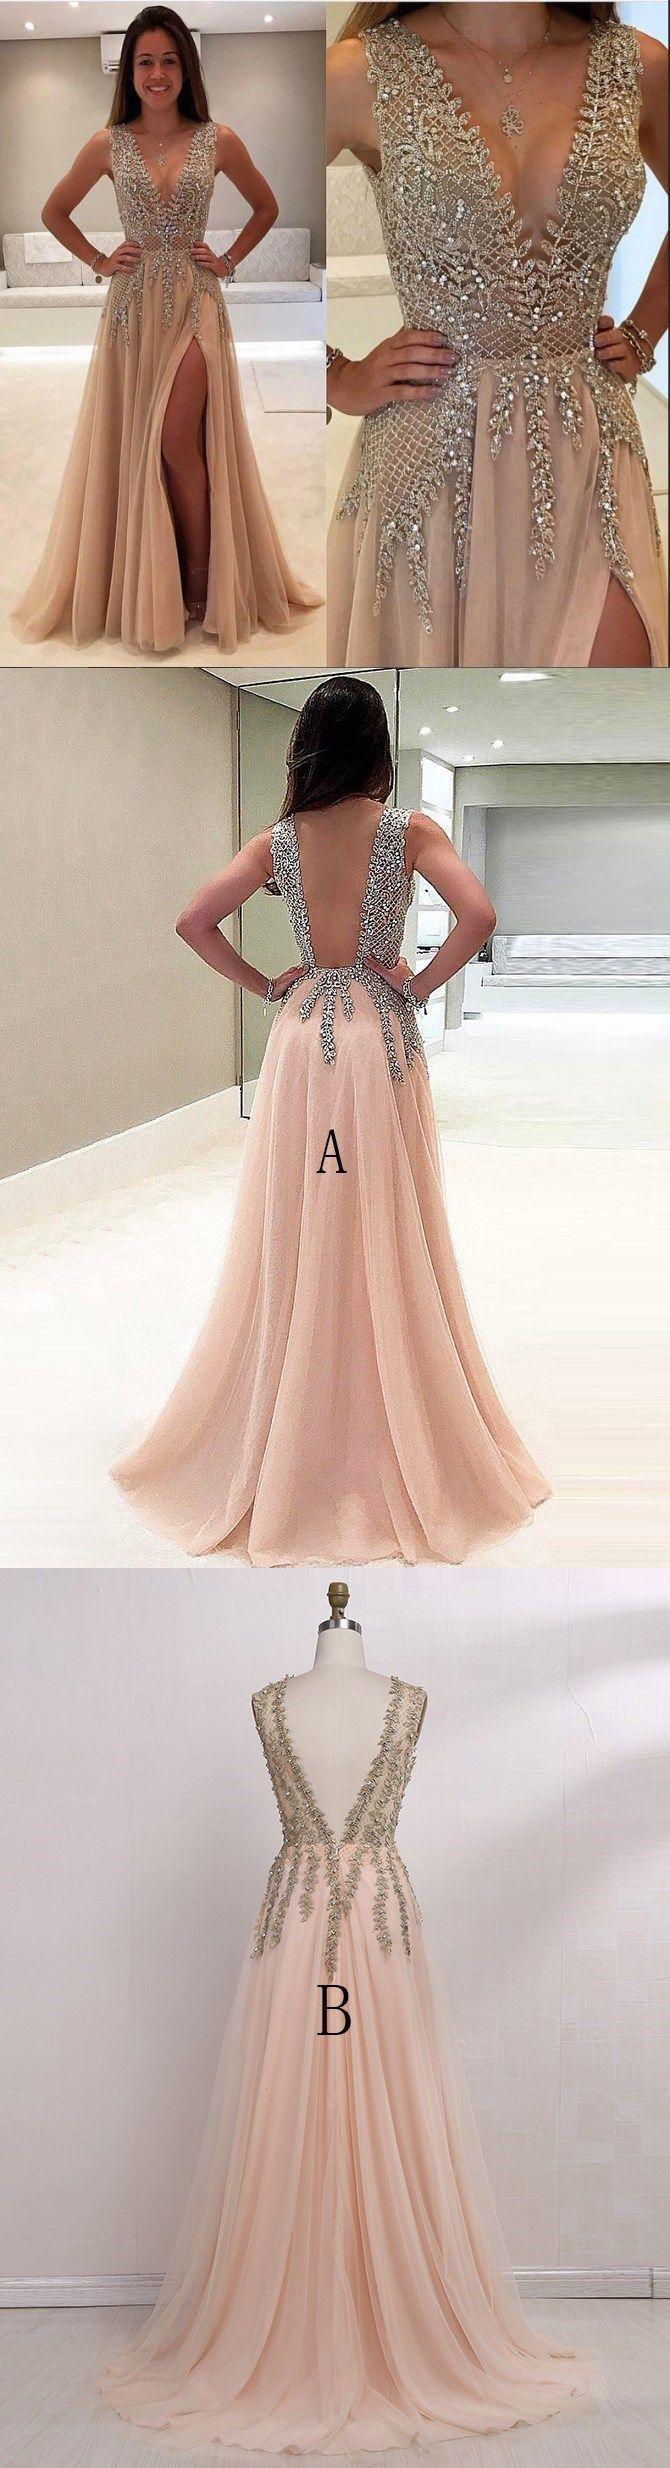 A-Linie V-Ausschnitt bodenlang Ärmellos Tülle Abendkleider # JKL175